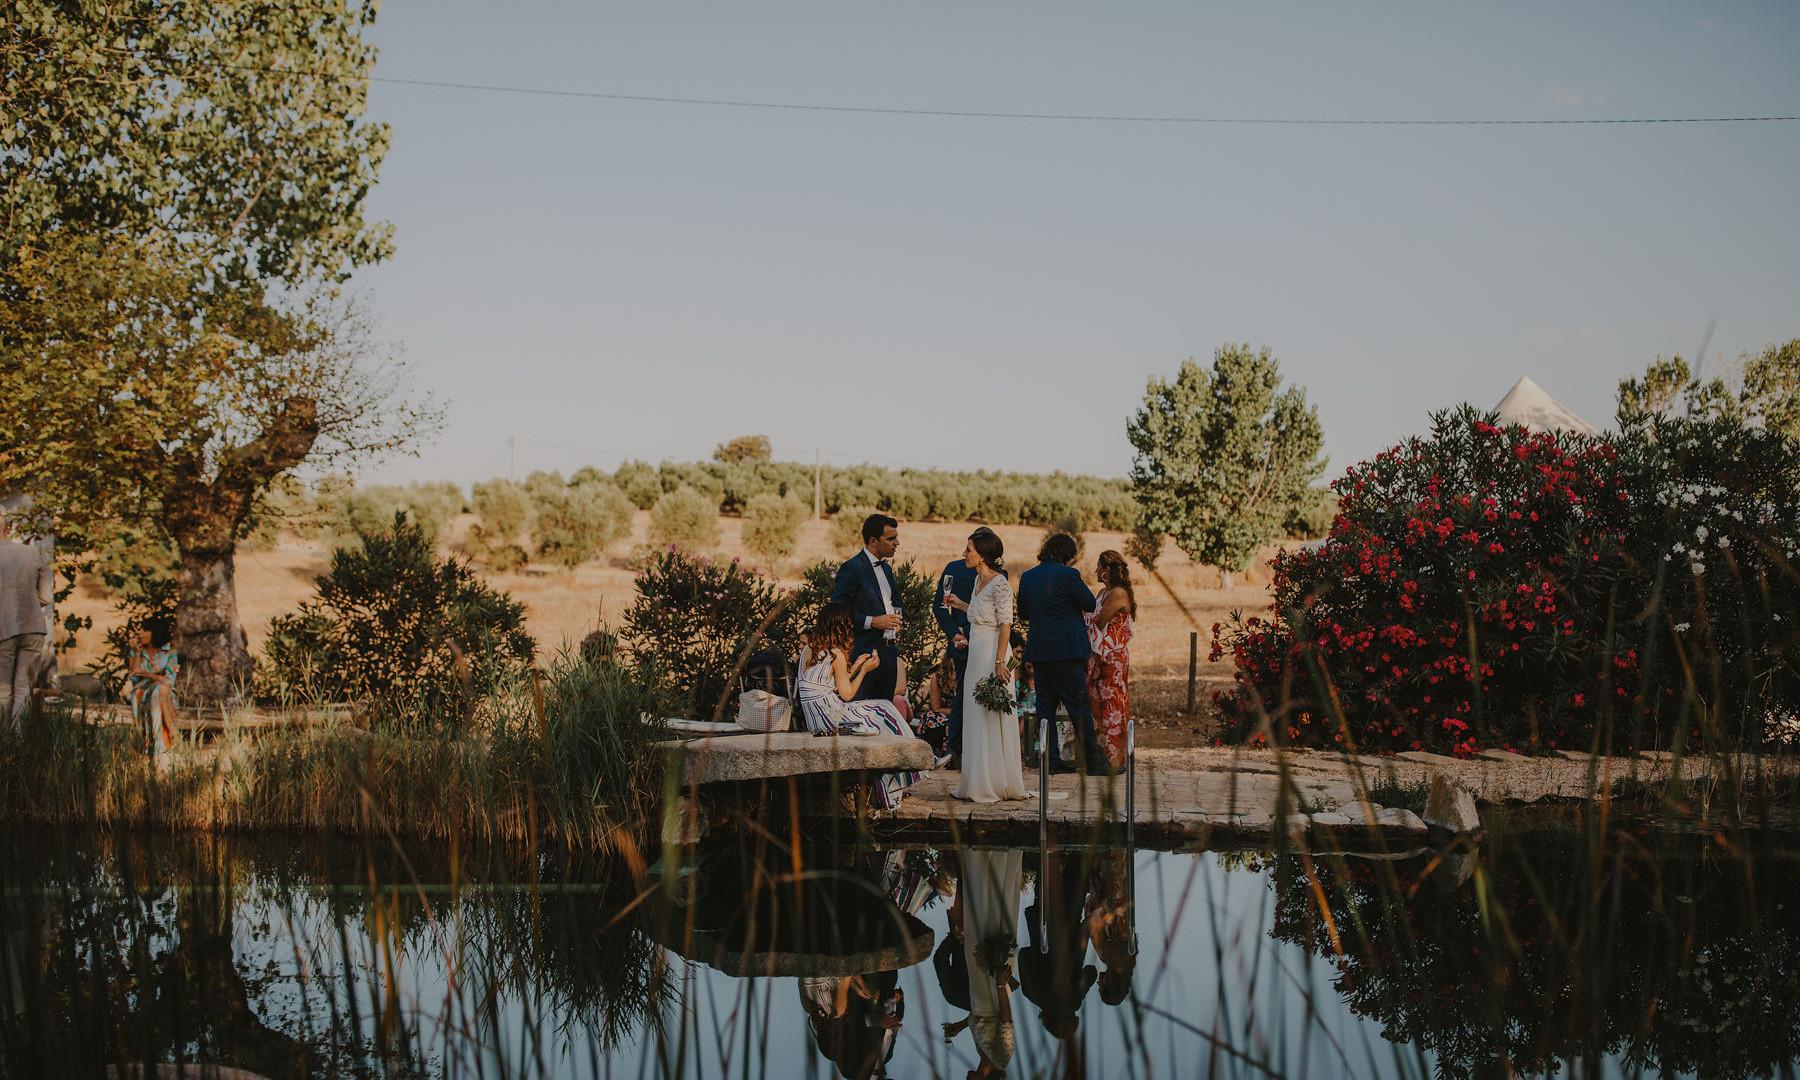 Outdoor wedding cocktail in Alentejo